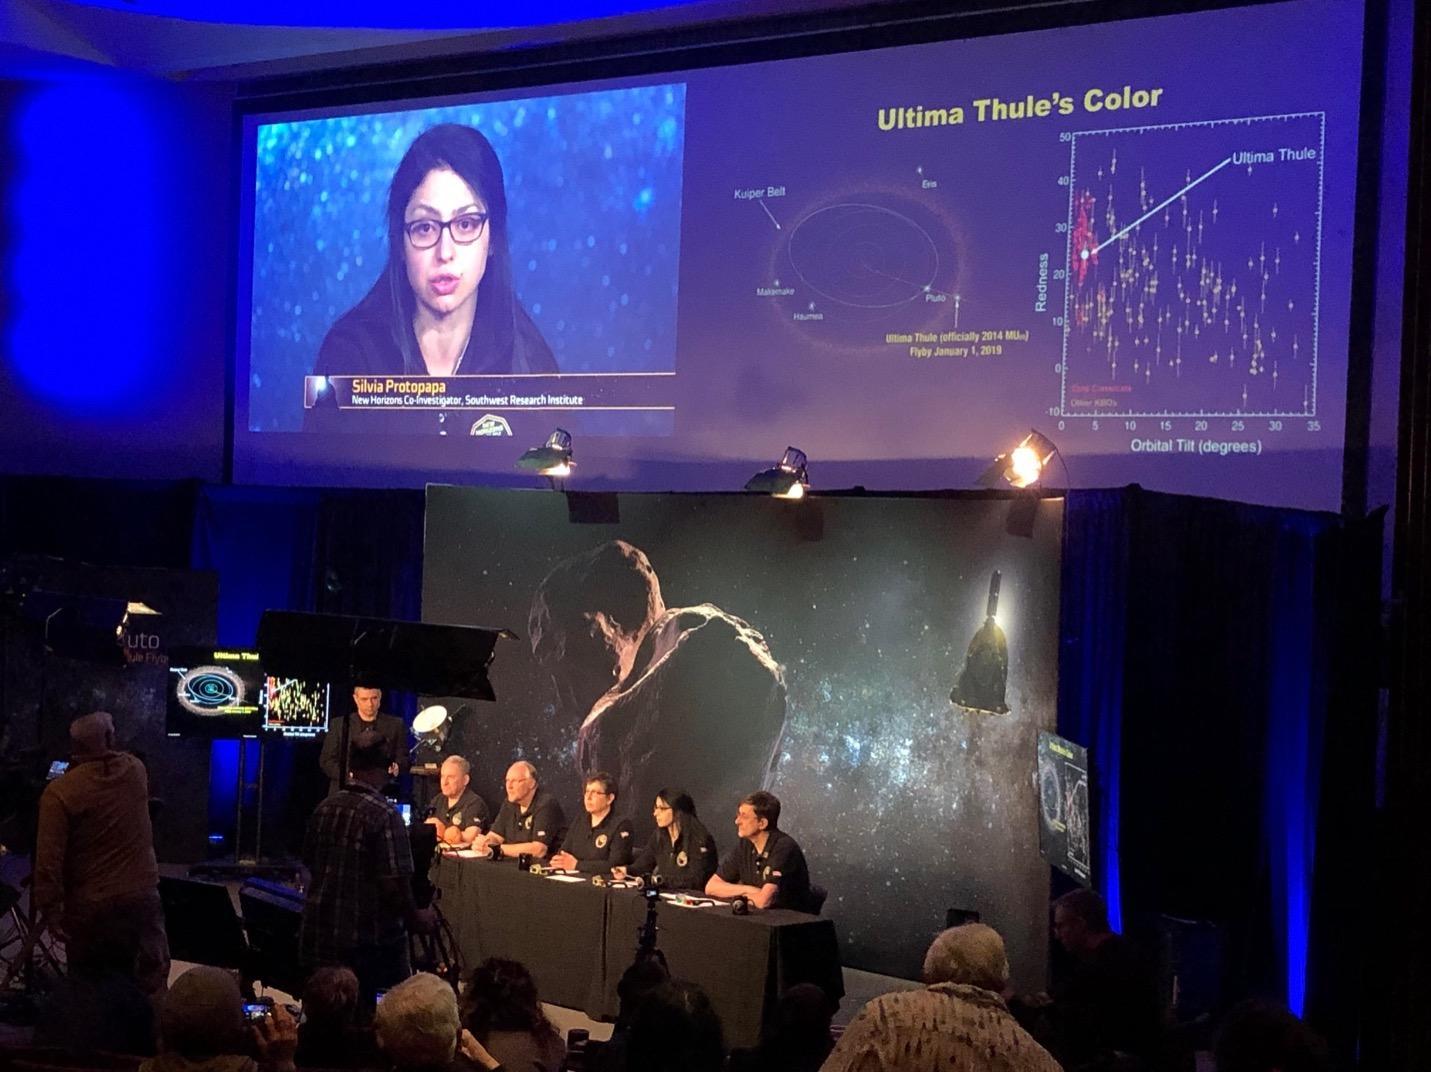 Silvia Protopapa in conferenza stampa presso il Johns Hopkins University Applied Physics Laboratory il 3 gennaio 2019 subito dopo il sorvolo del corpo cosmico Ultima Thule (altrimenti definito 2014 MU69)